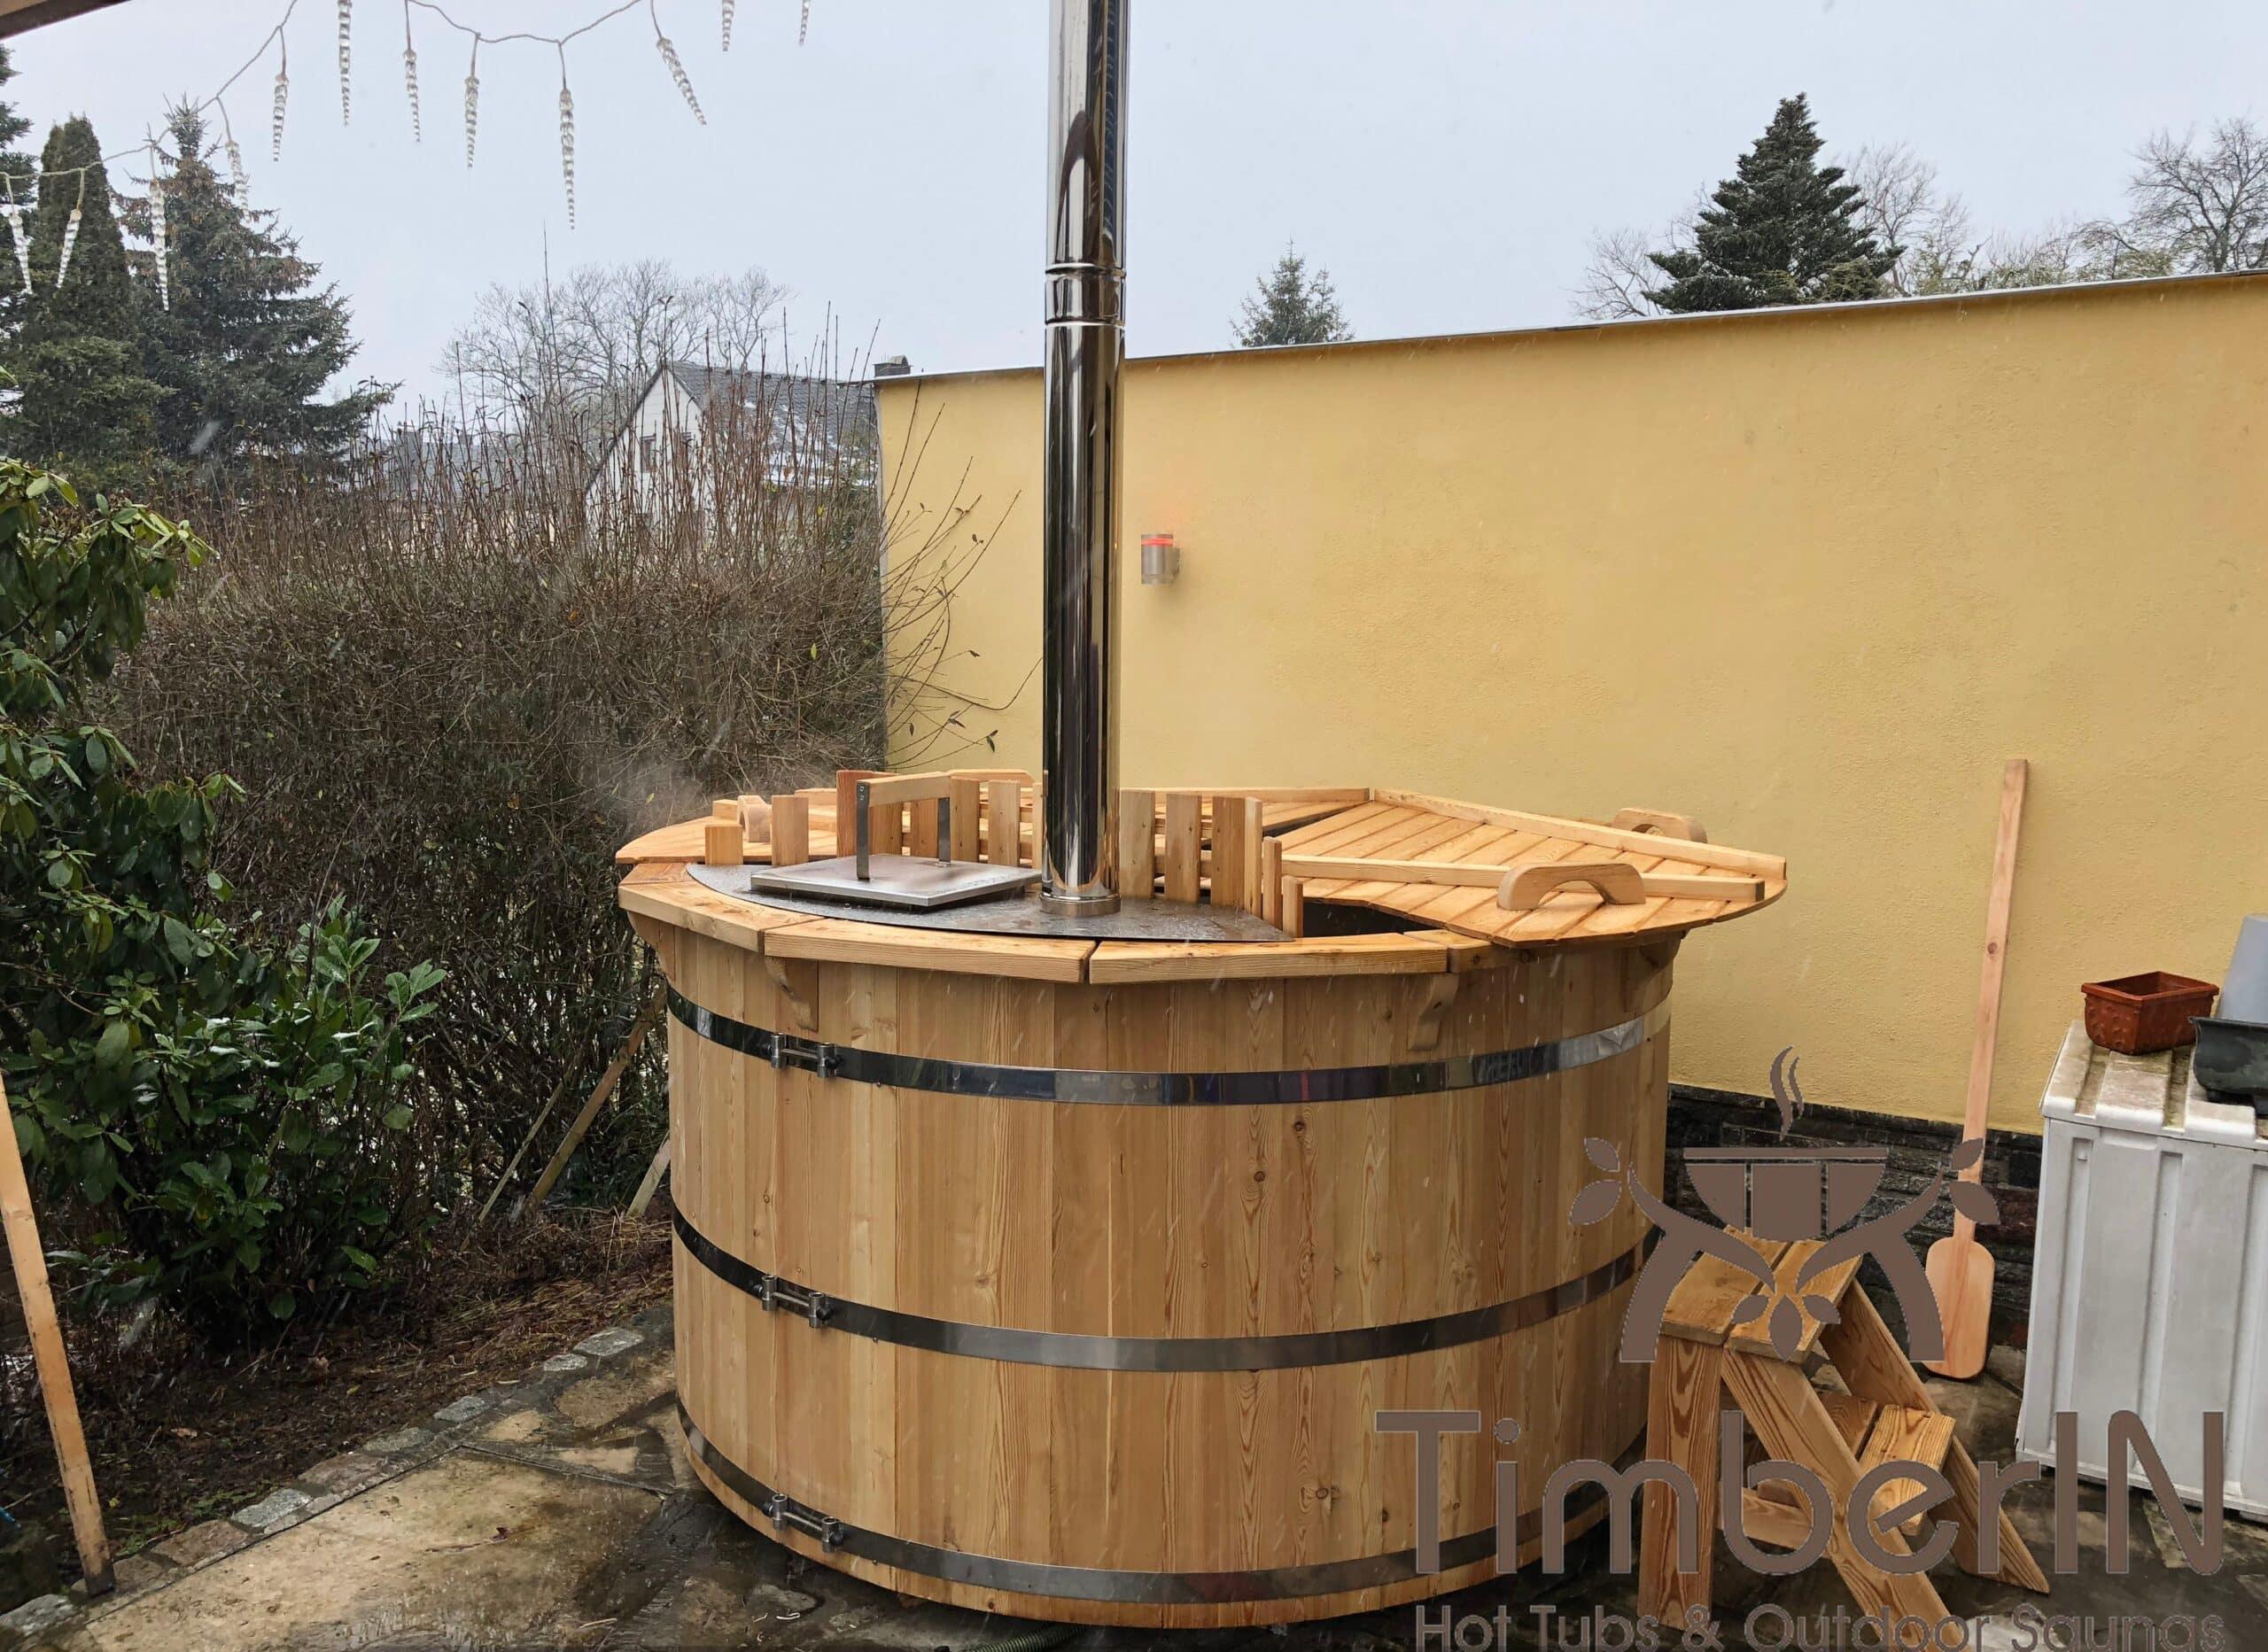 Badezuber Badefass Fichte Bausatz 1 2 scaled